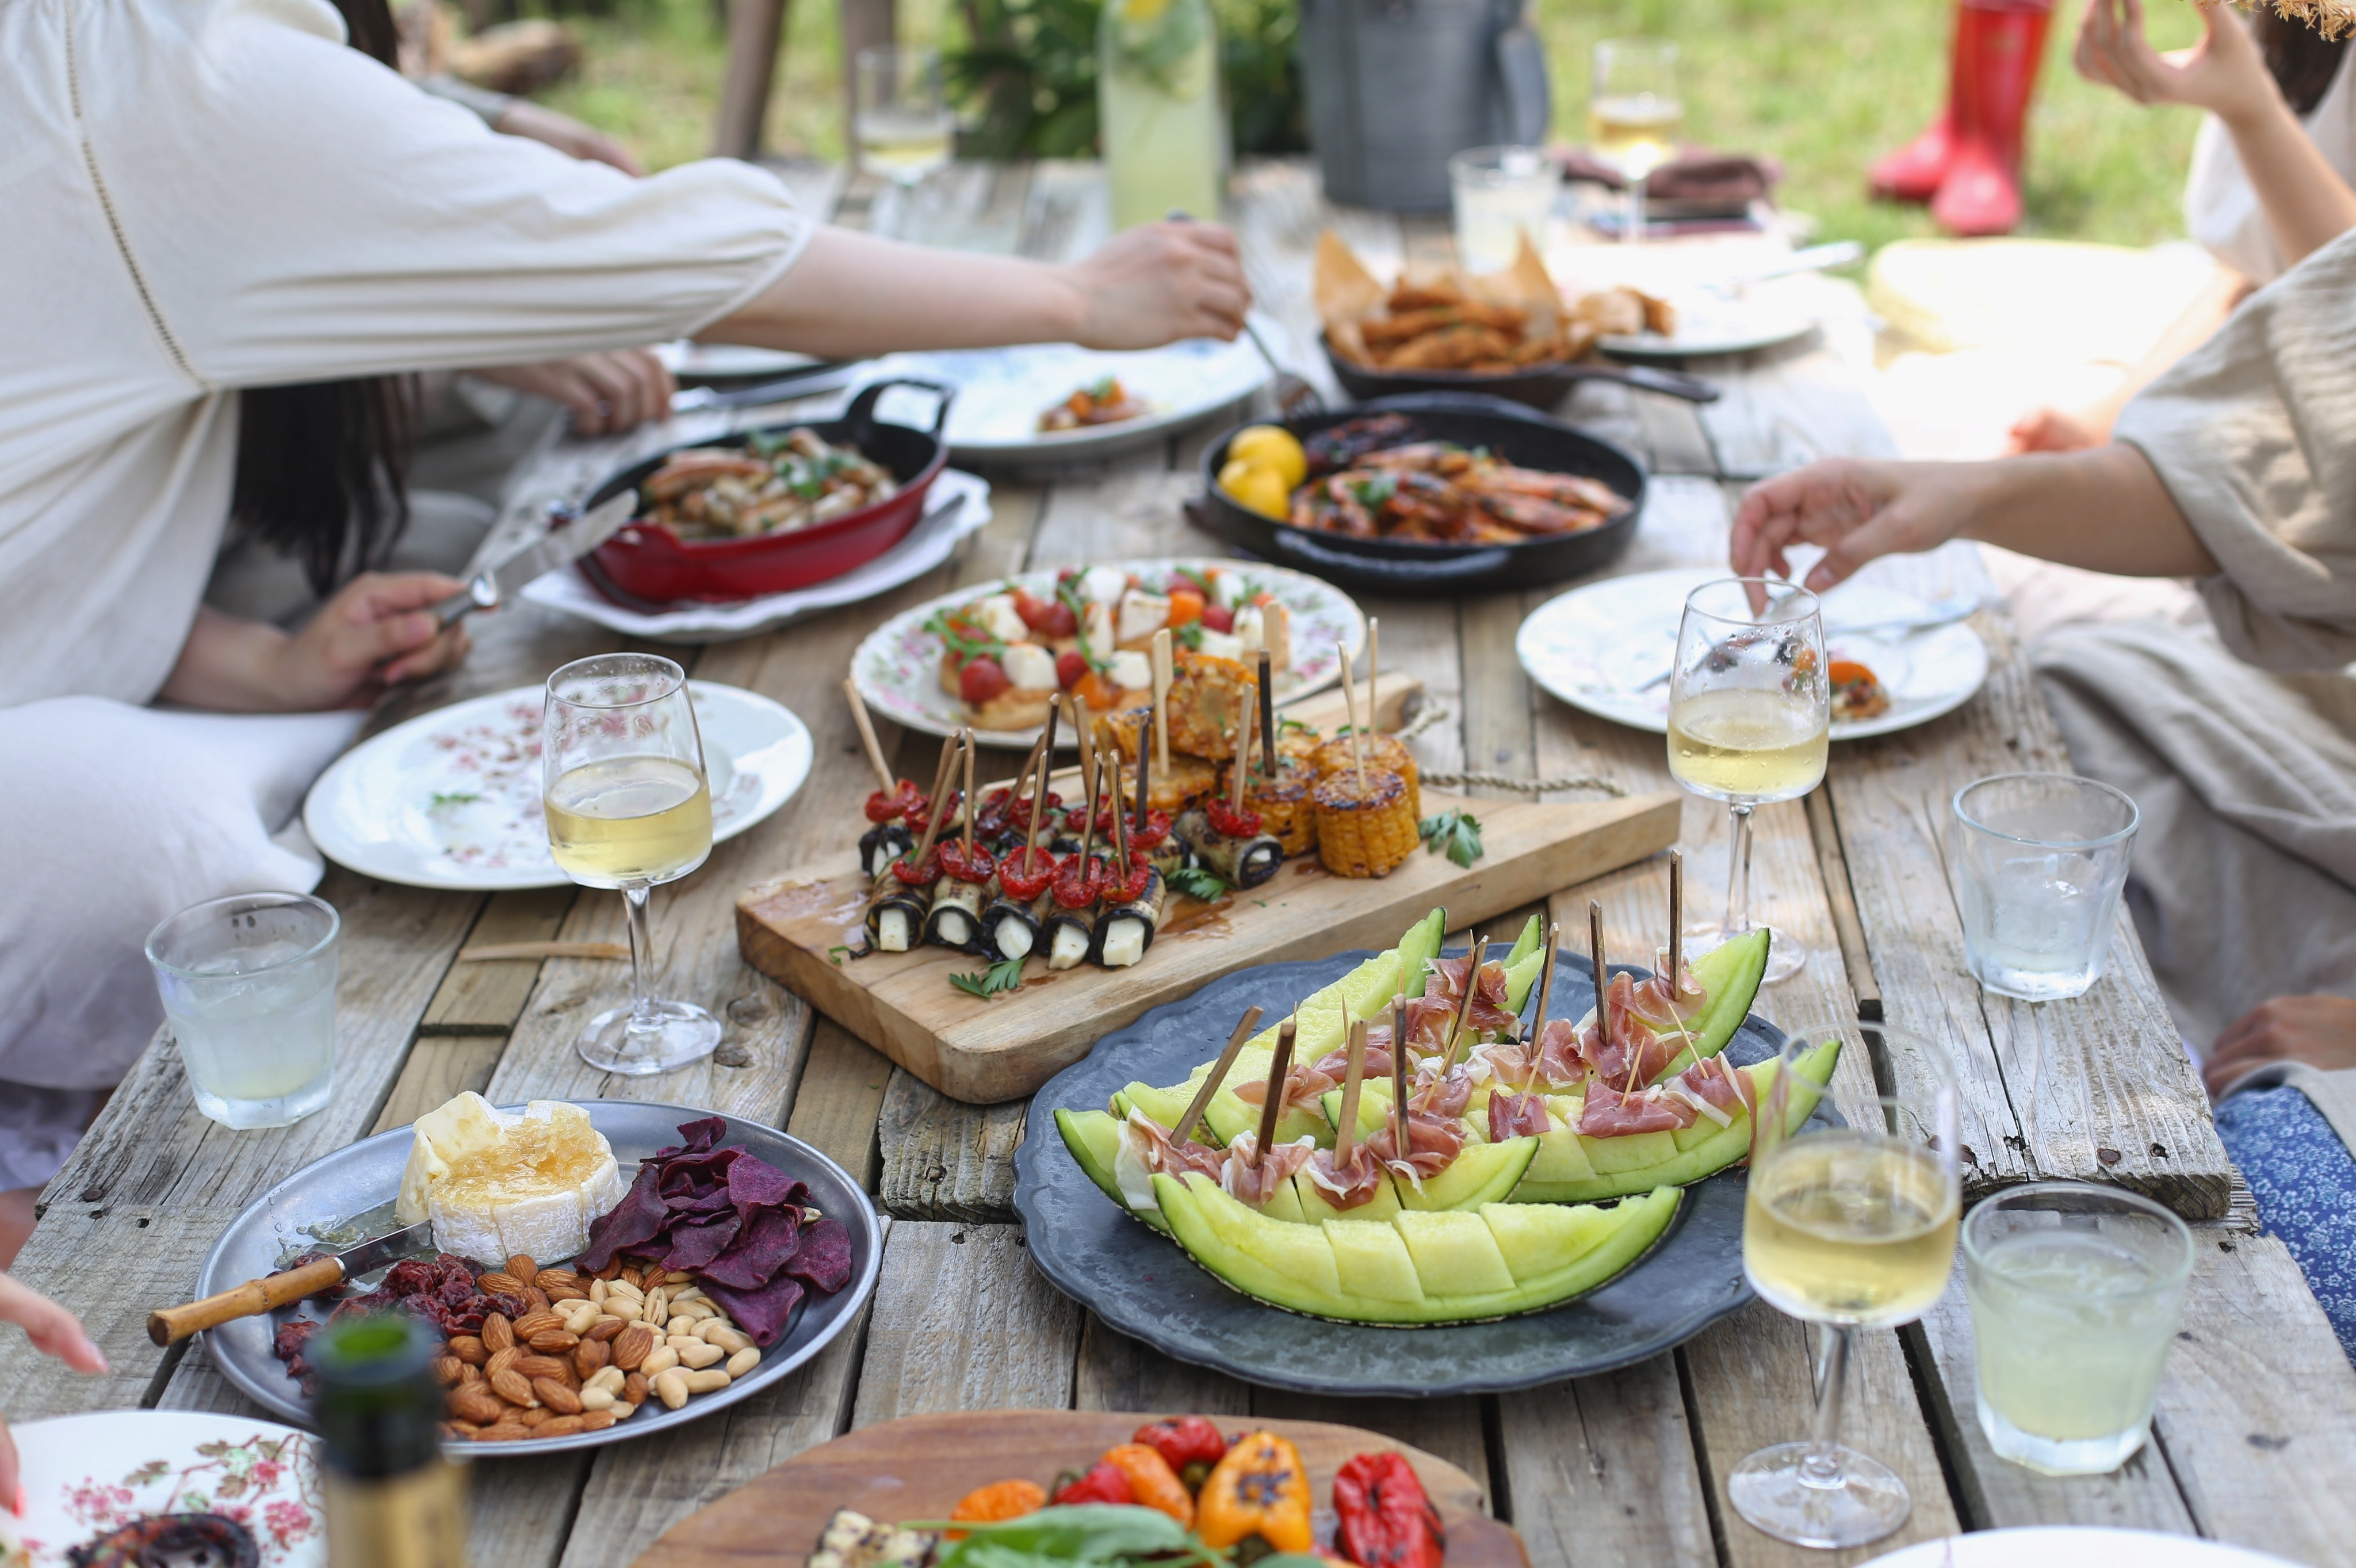 ¿Por qué comemos tan mal los españoles si tenemos la dieta mediterránea?